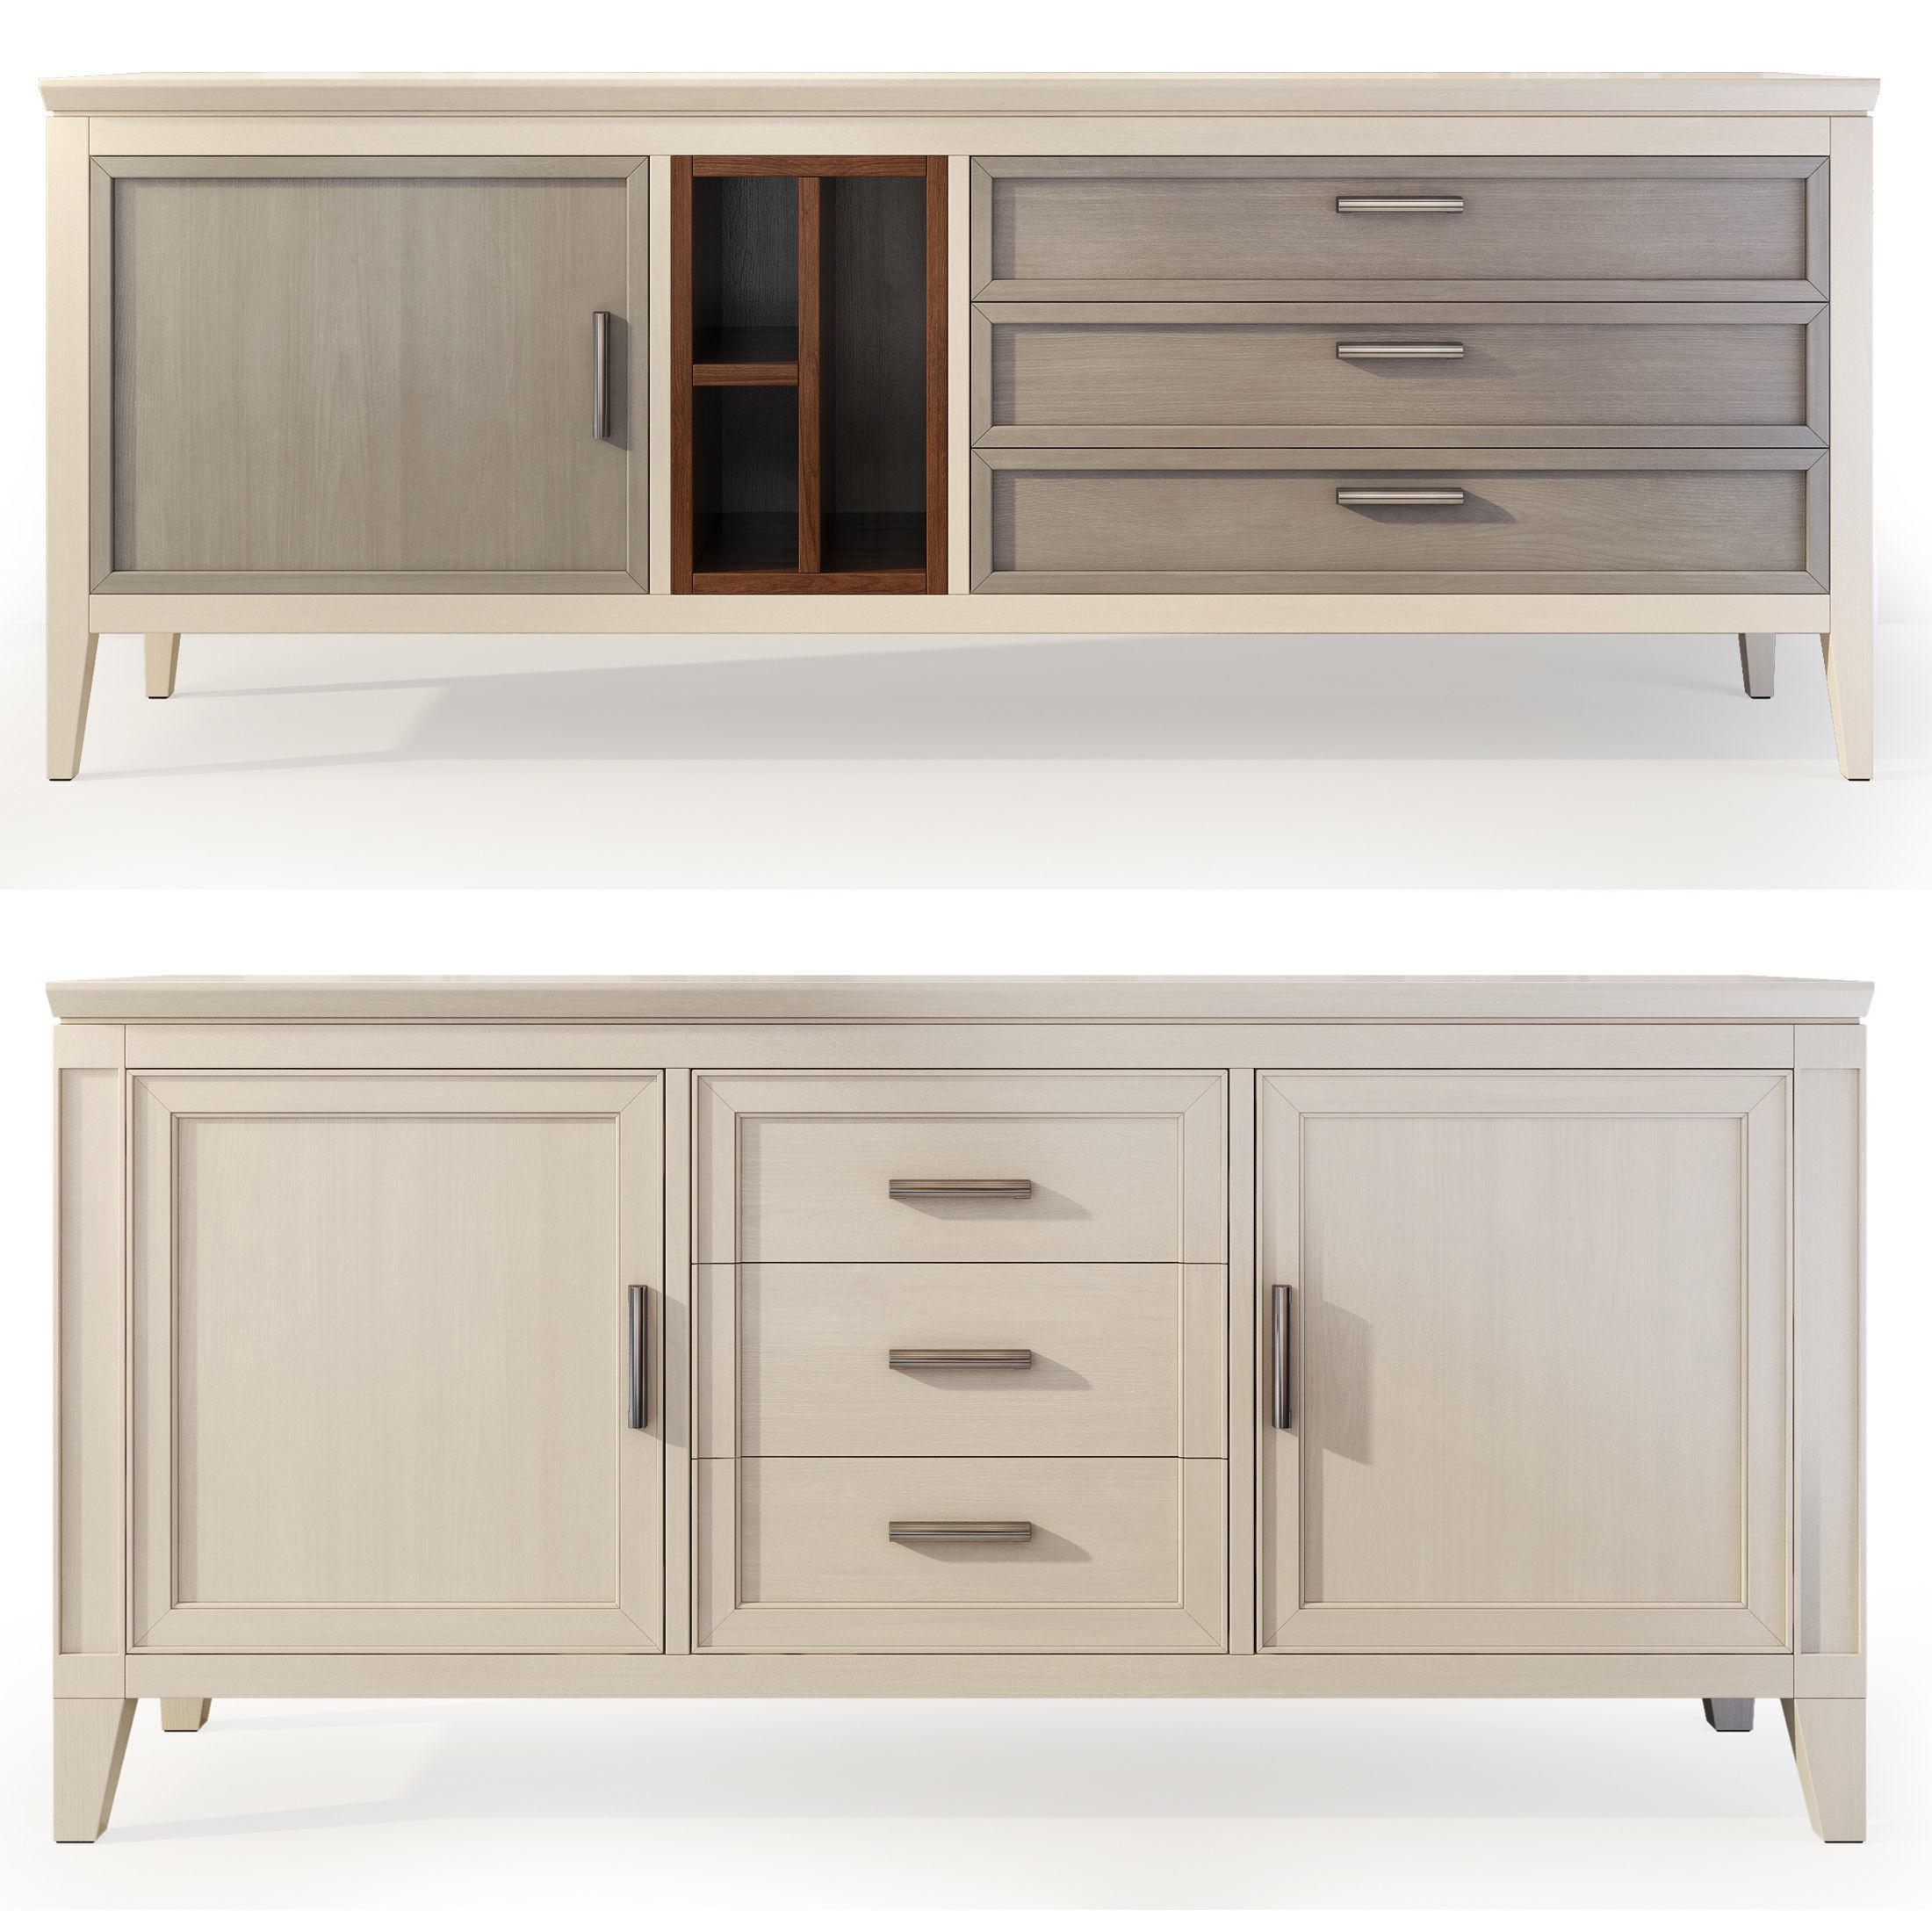 Sideboard dresser by Le Fablier Erica  Aralia